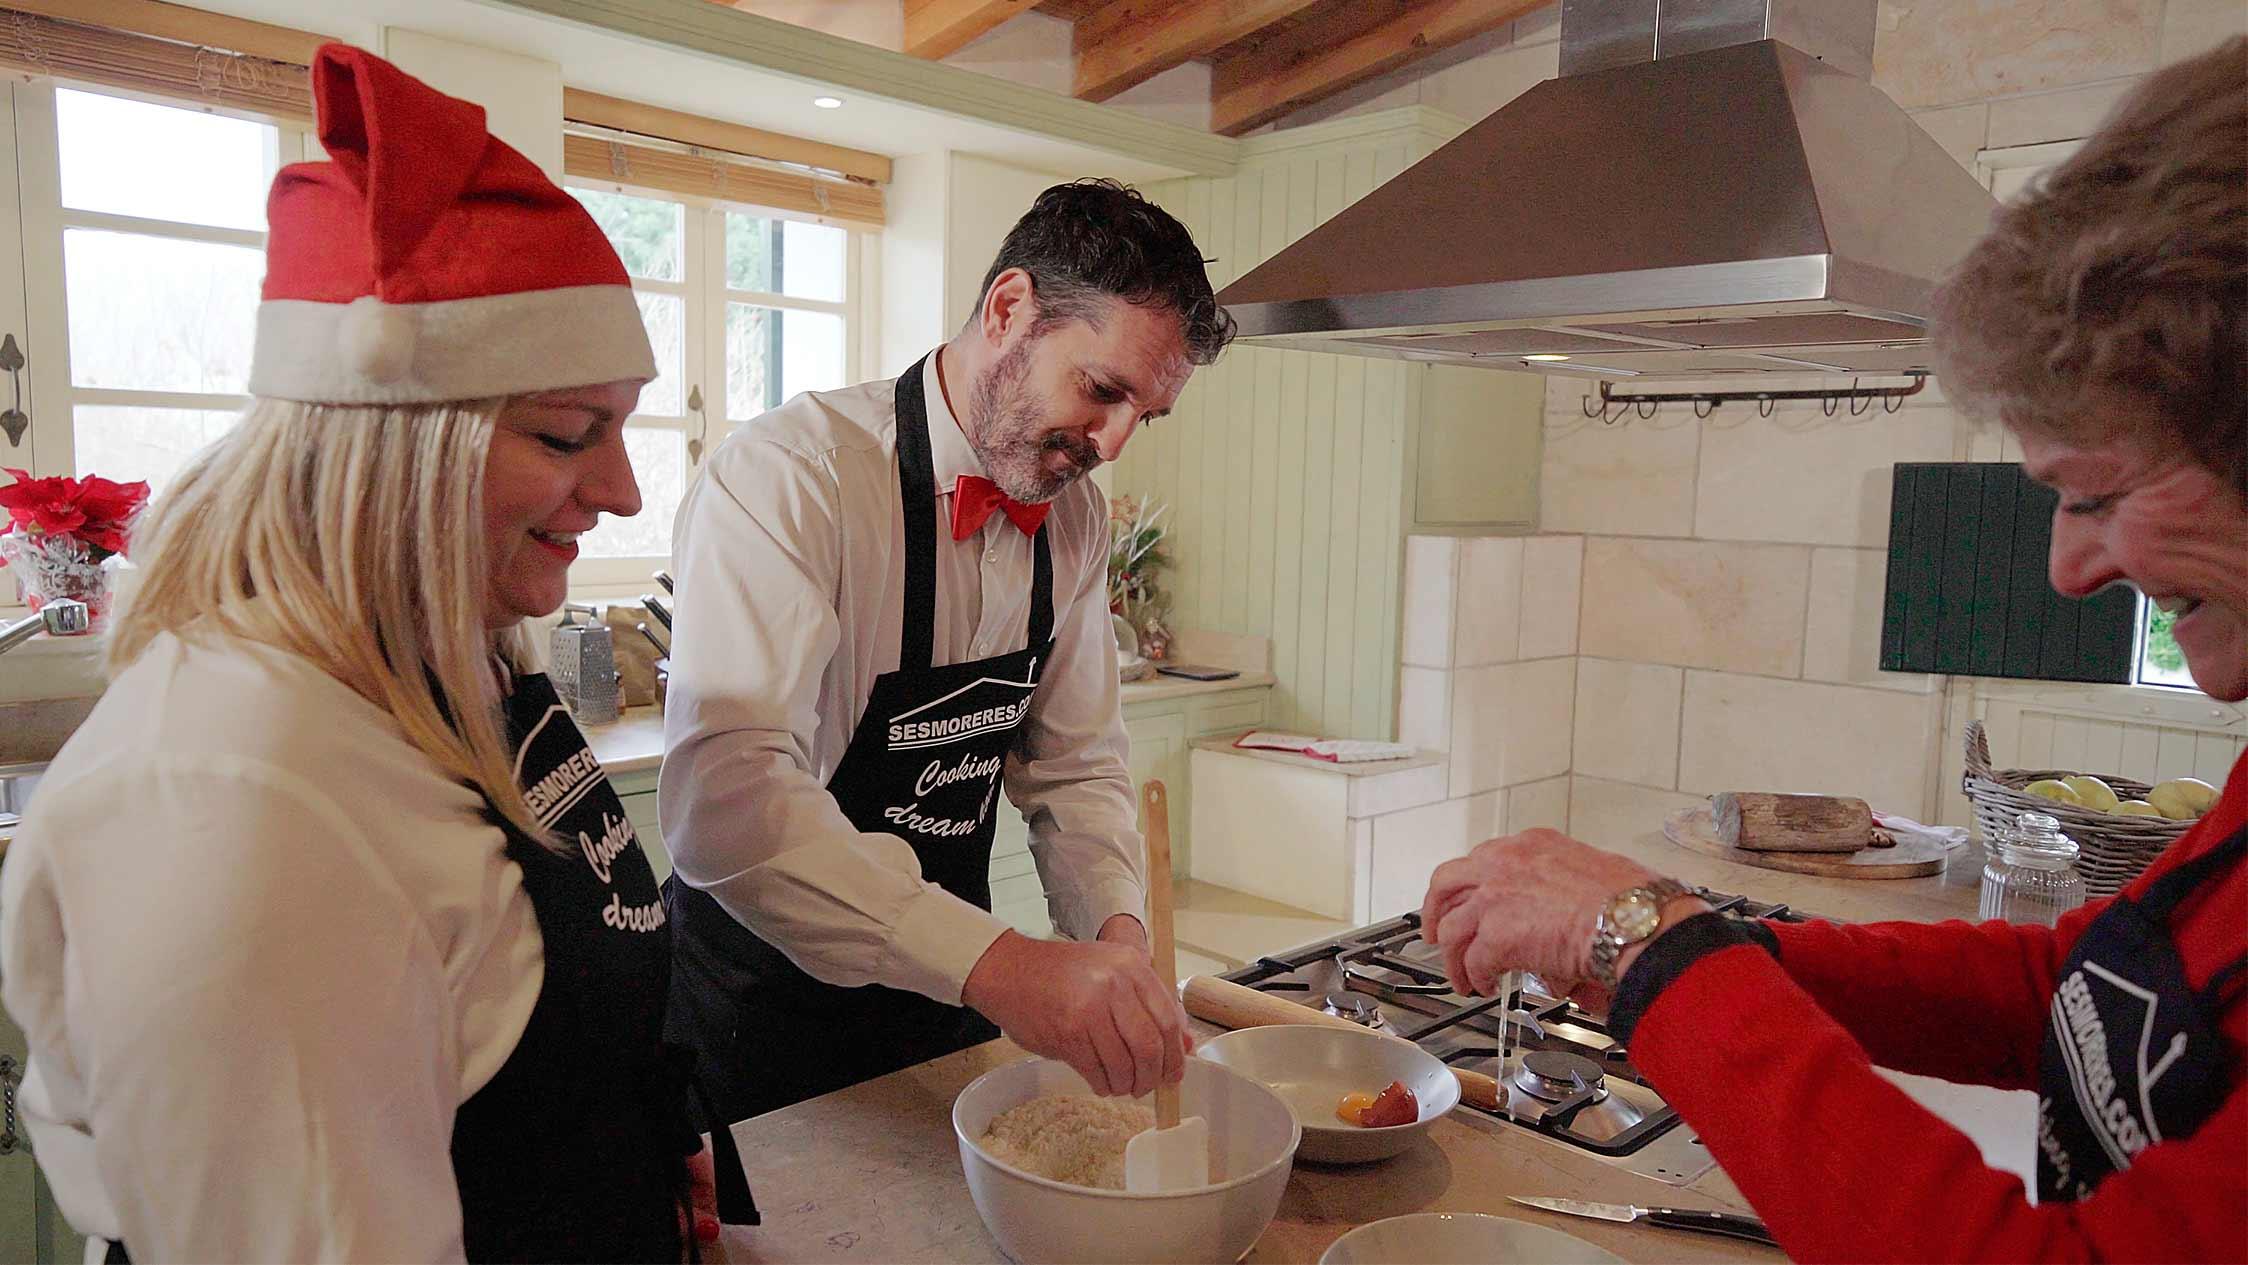 Nous allons vous divulguer la recette de Noël typiquement minorquine.